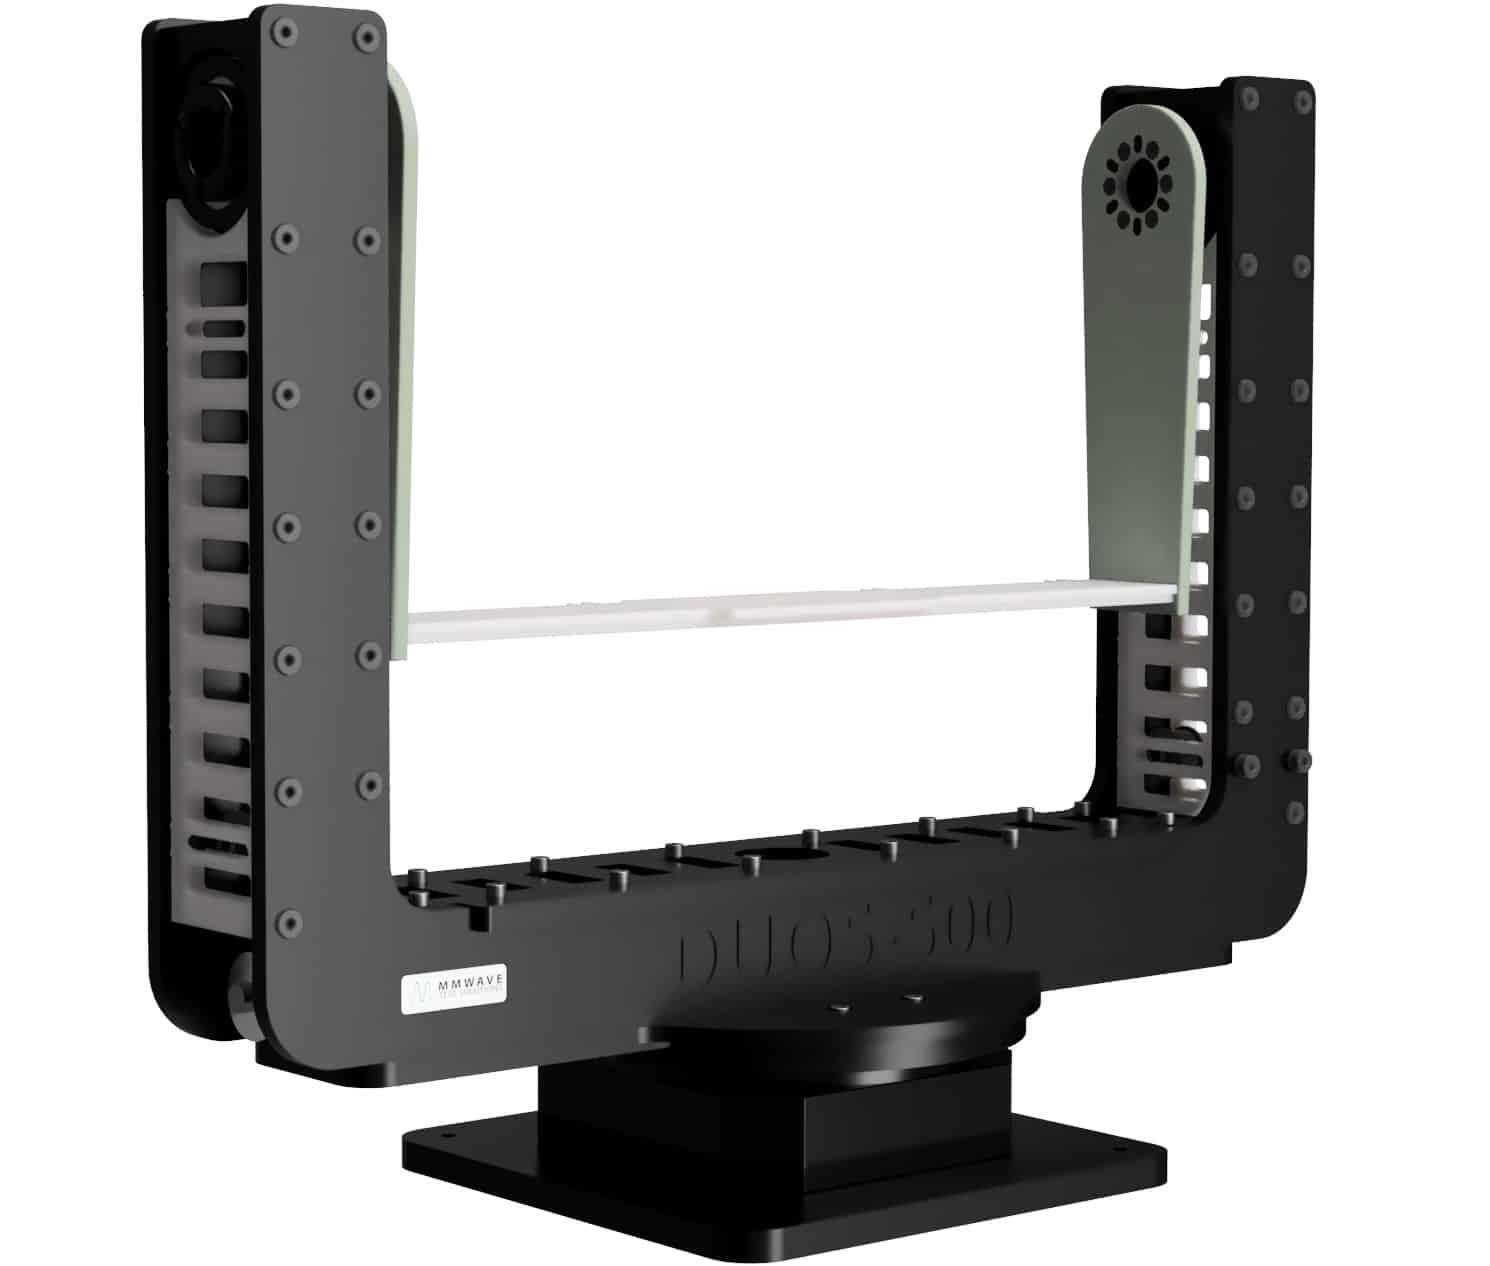 DUO5-500 mmWaveTest 3D positioner